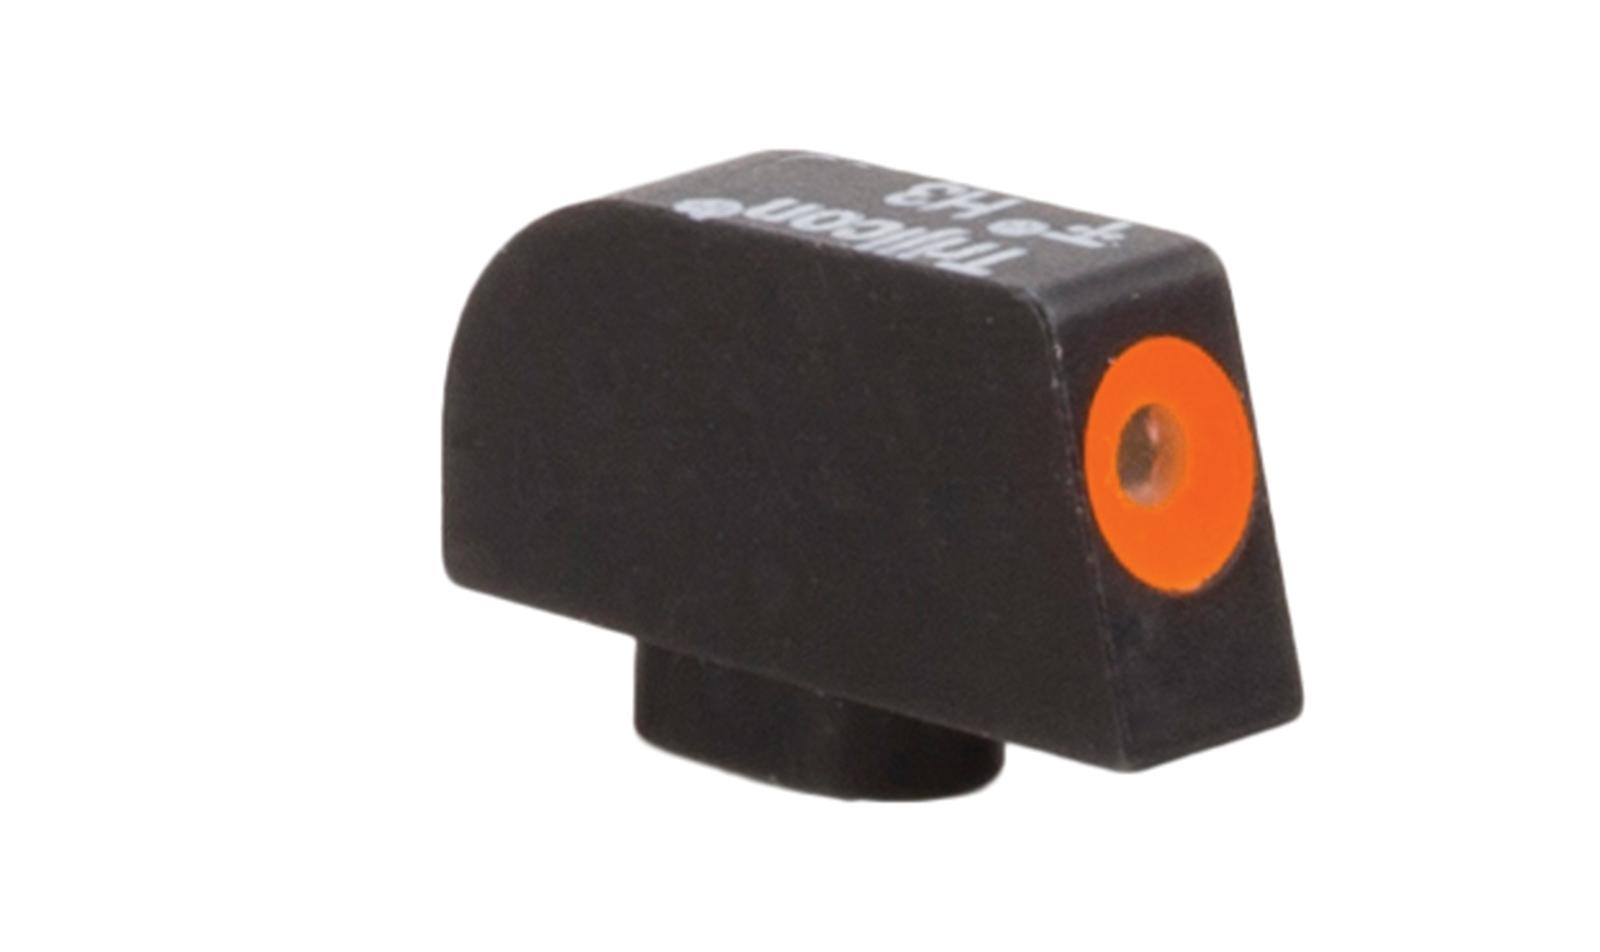 GL604-C-600843 angle 3